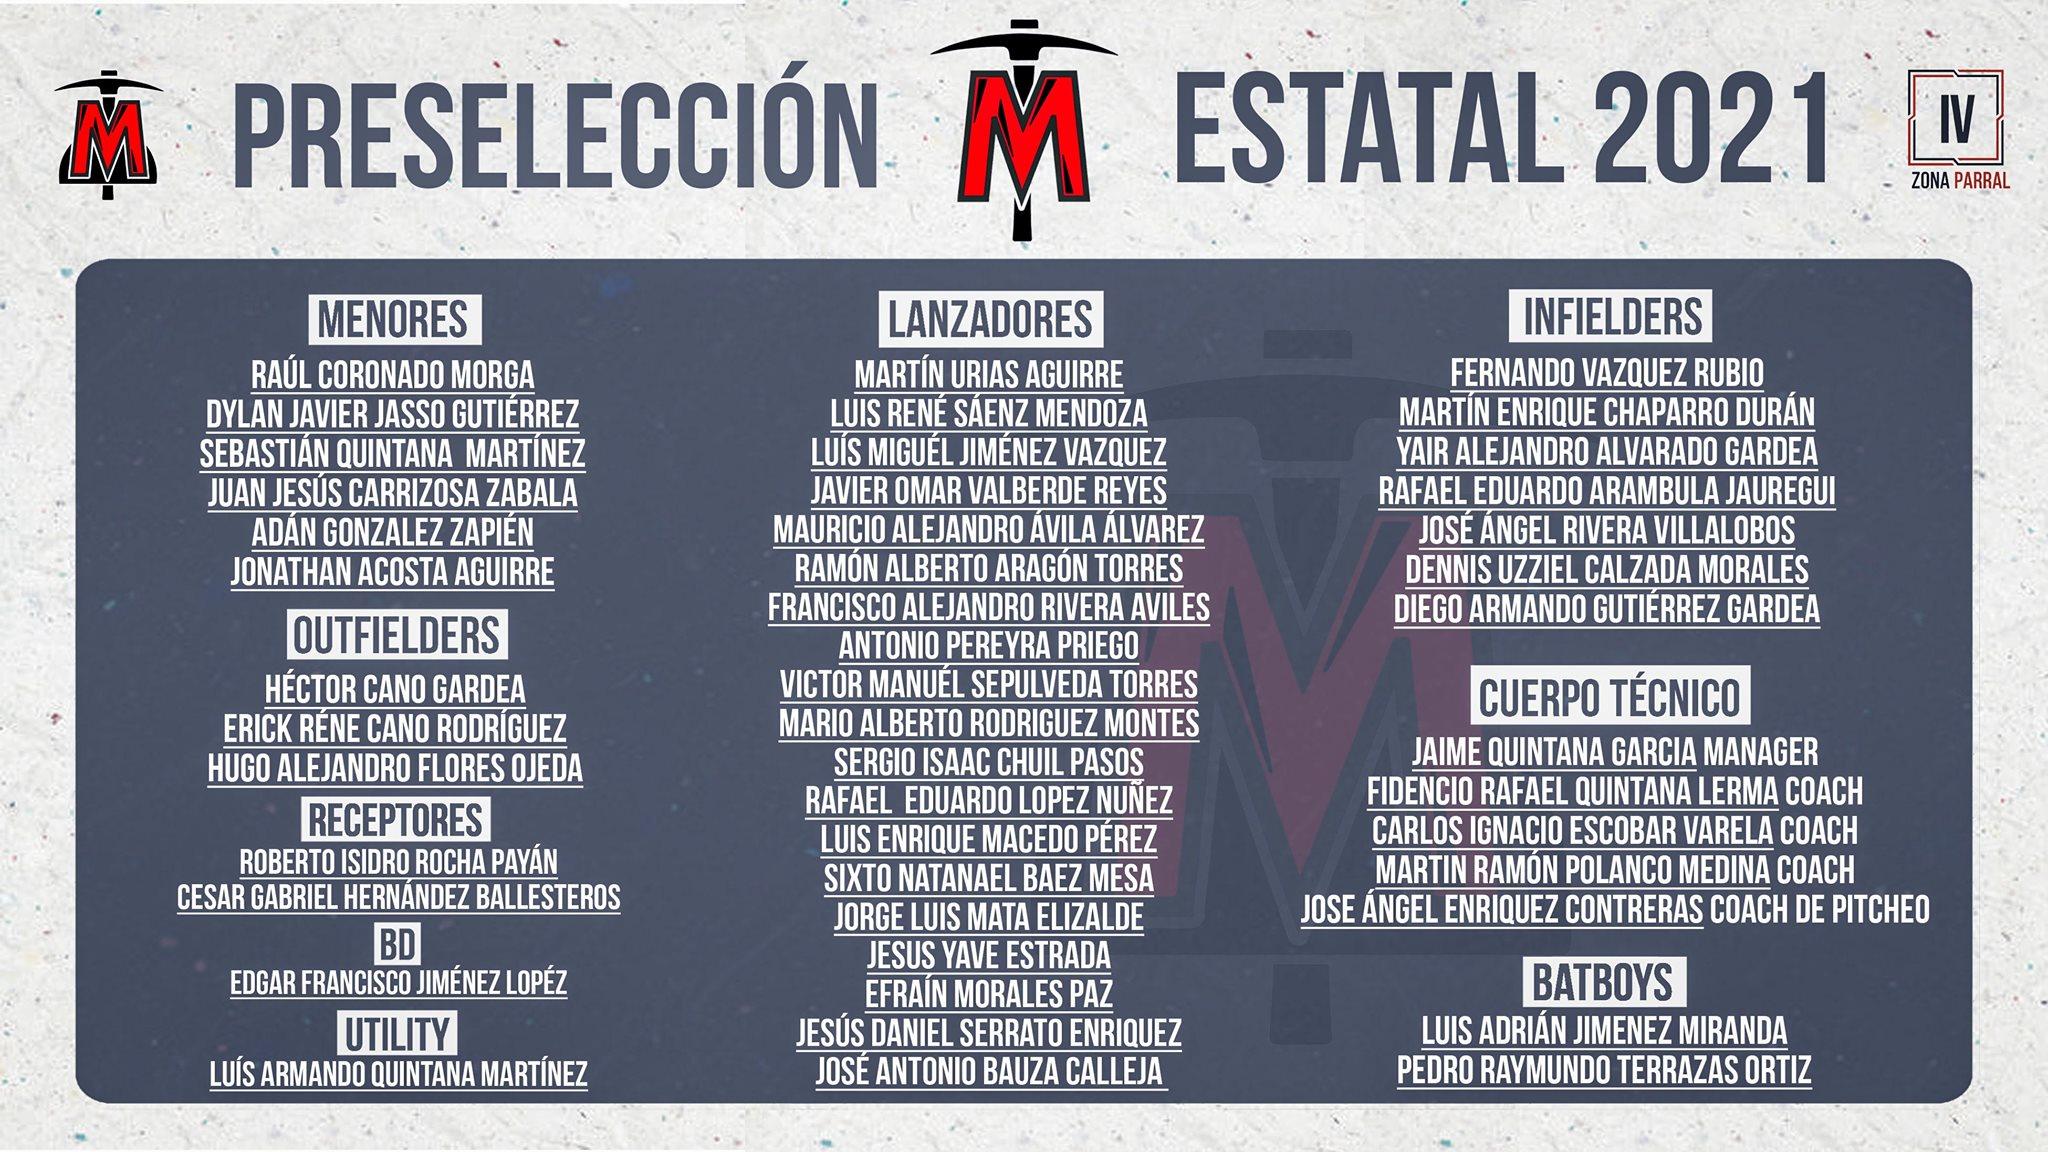 preseleccion-temporada-2021-campeonato-estatal-besibol-chihuahua-mineros-parral